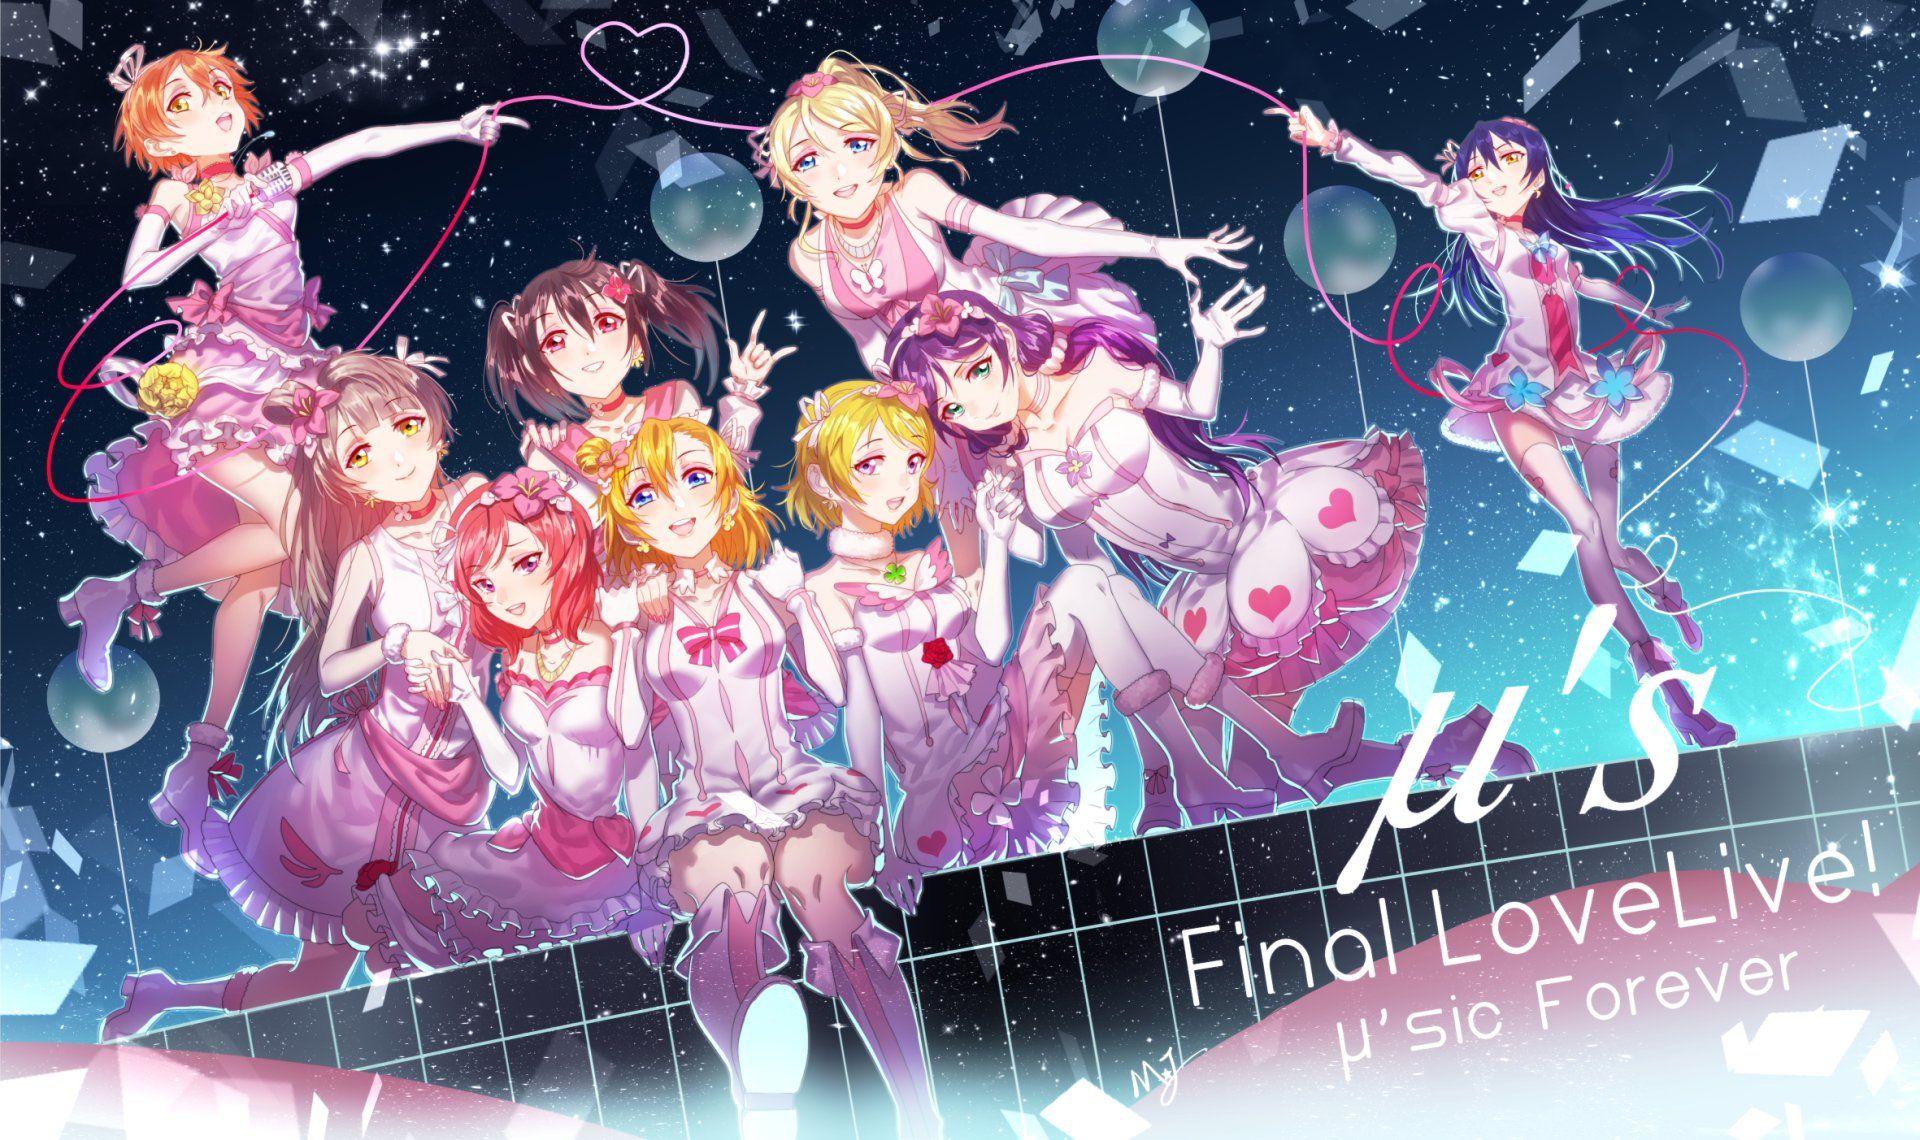 Anime love live kotori minami umi sonoda nozomi toujou - Love live wallpaper 540x960 ...